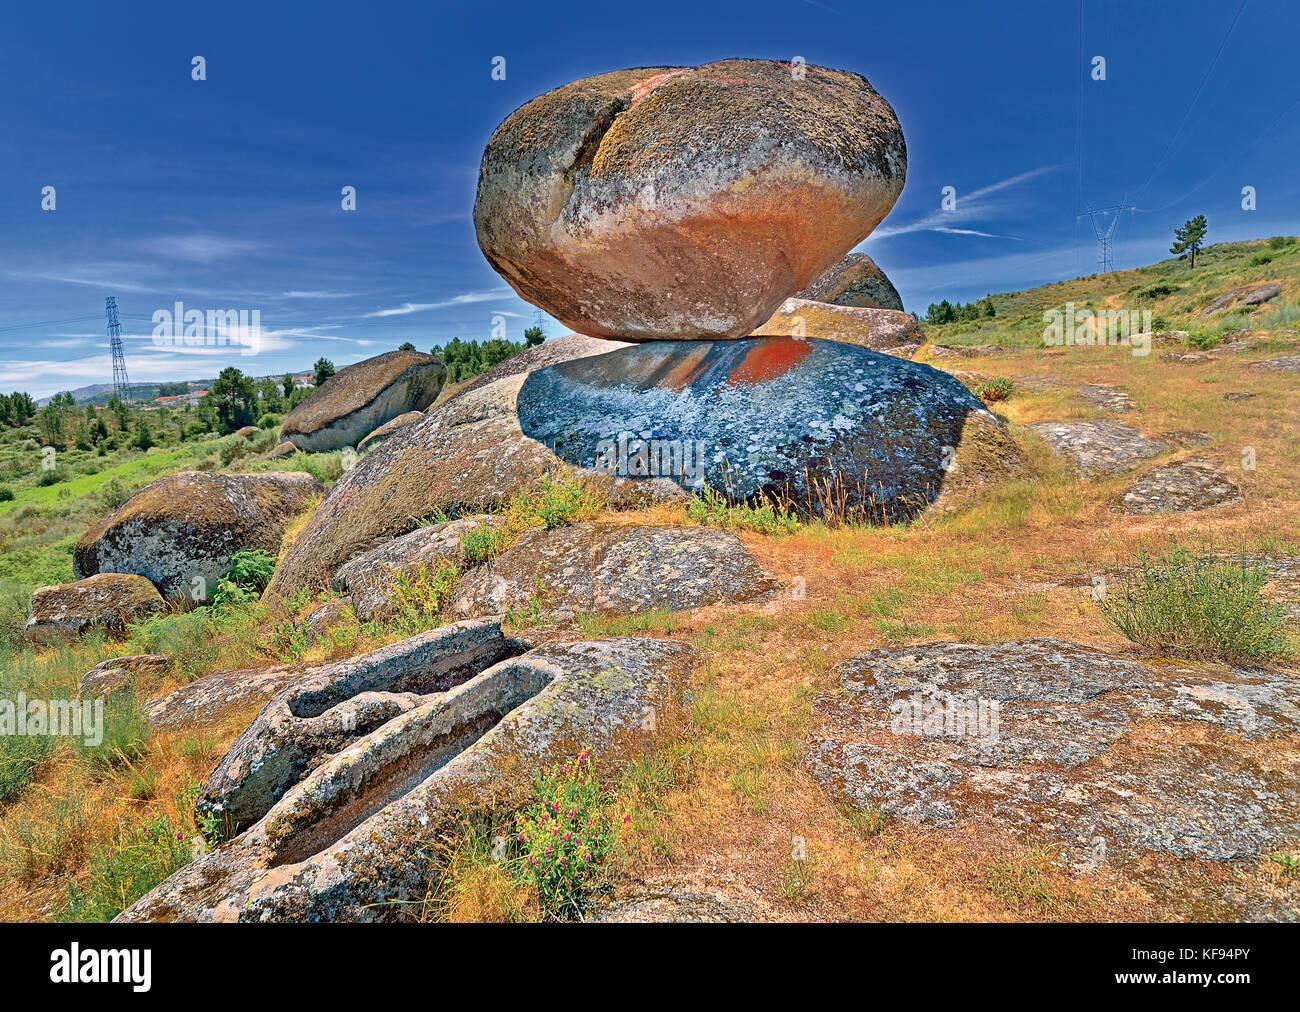 Ancient rock and sepulchres of Necropole de Sao Gens - Stock Image